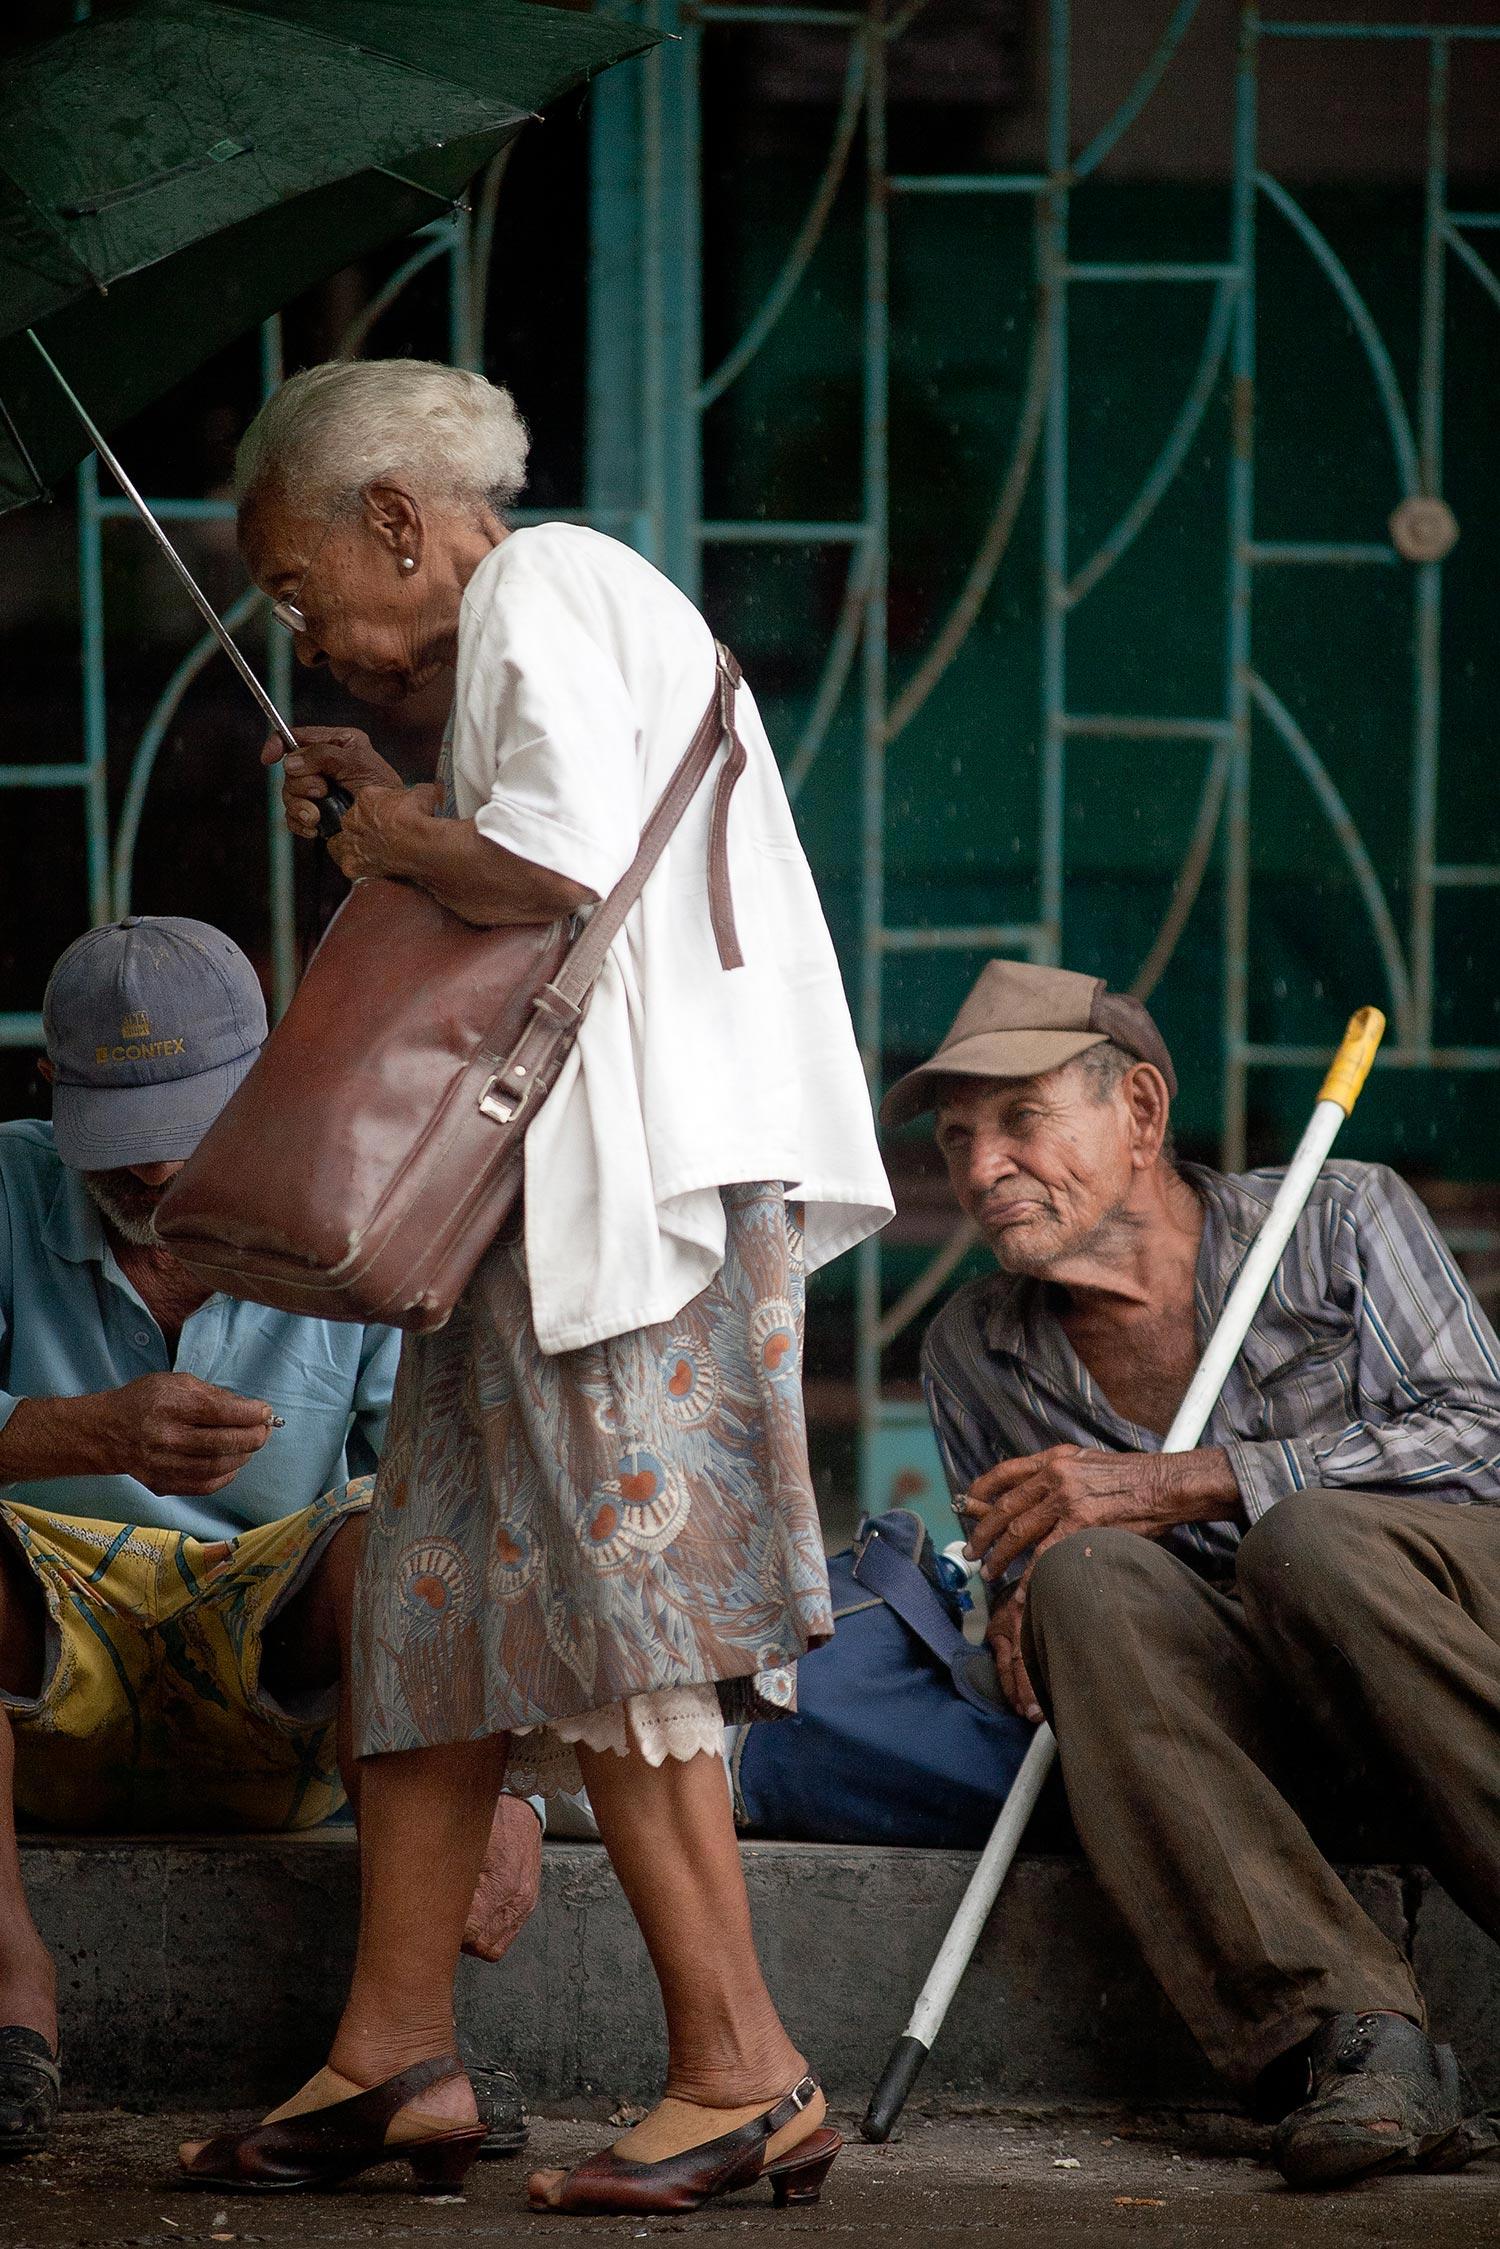 Strassenszene mit alten Menschen in Havanna